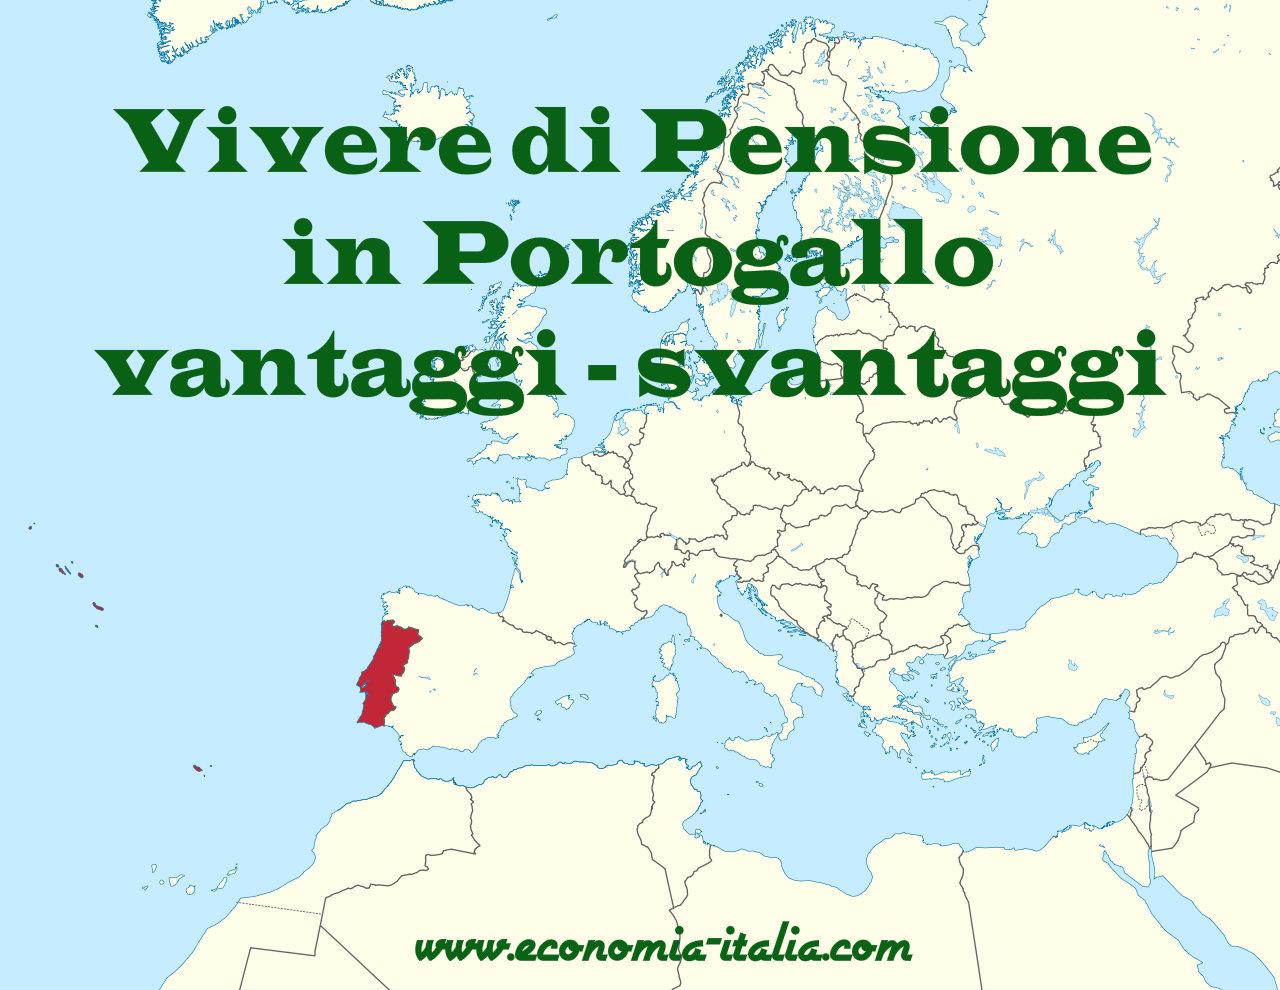 Trasferirsi A Vivere In Pensione In Portogallo 2019 Vantaggi E